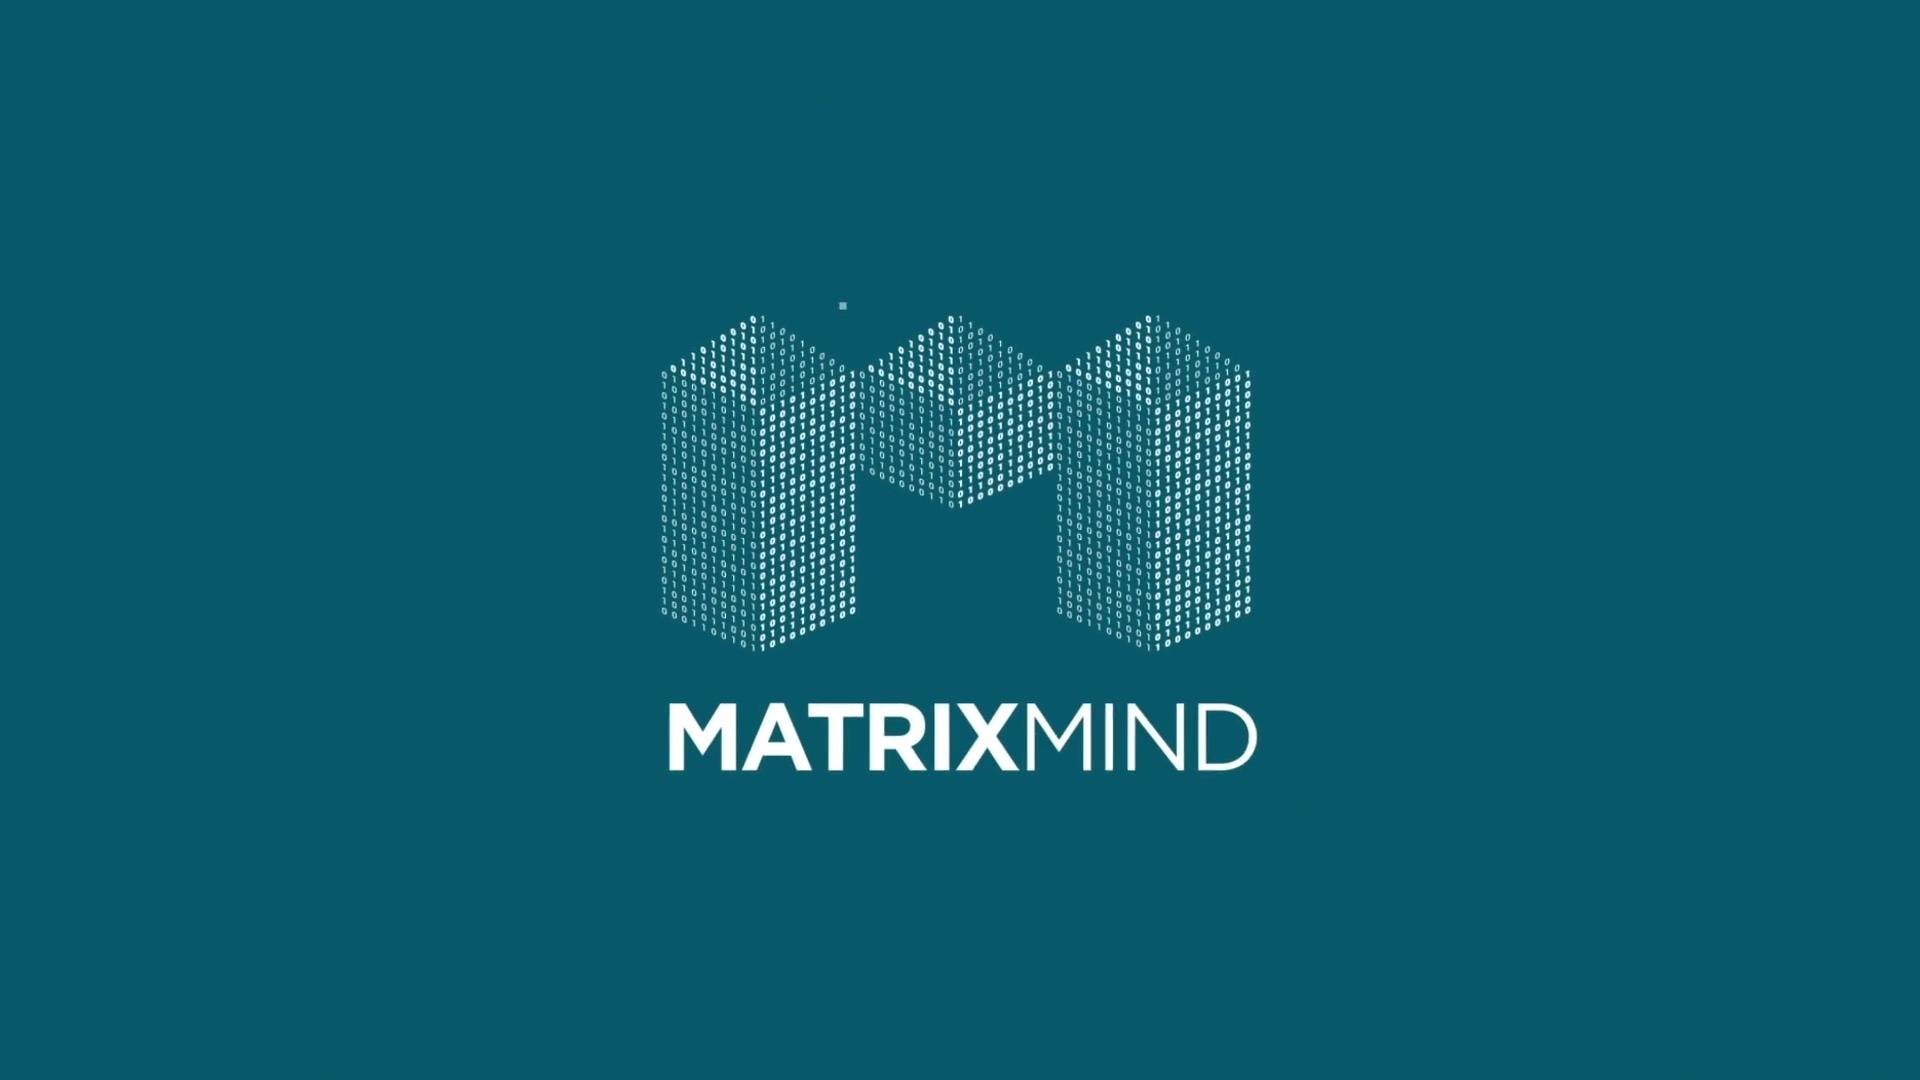 Matrixmind Multicloud deel 2